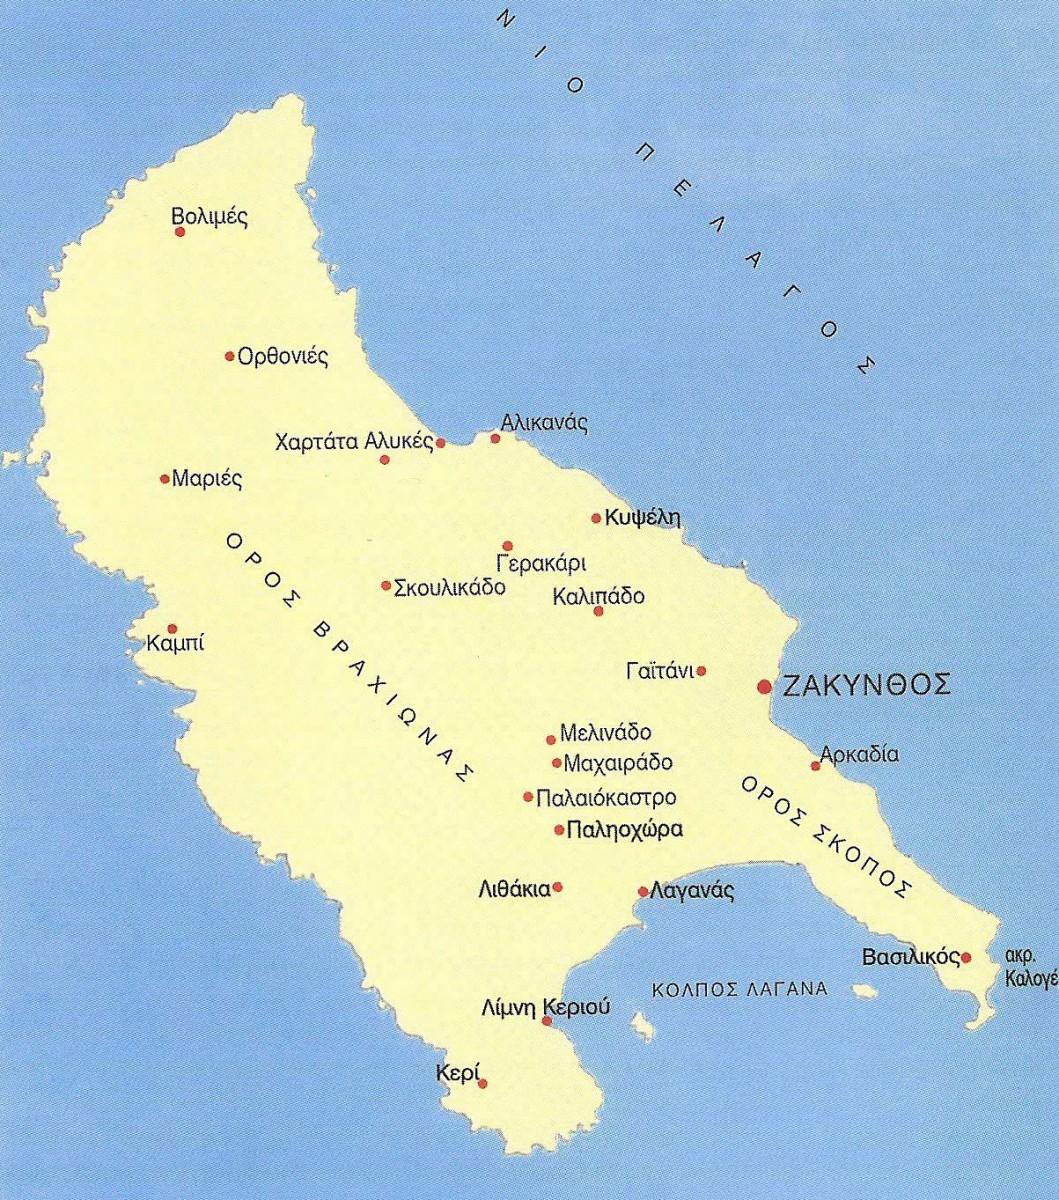 Εικ. 19. Χάρτης της Ζακύνθου με σημειωμένες τις κυριότερες θέσεις κατά τους προϊστορικούς και ιστορικούς χρόνους.